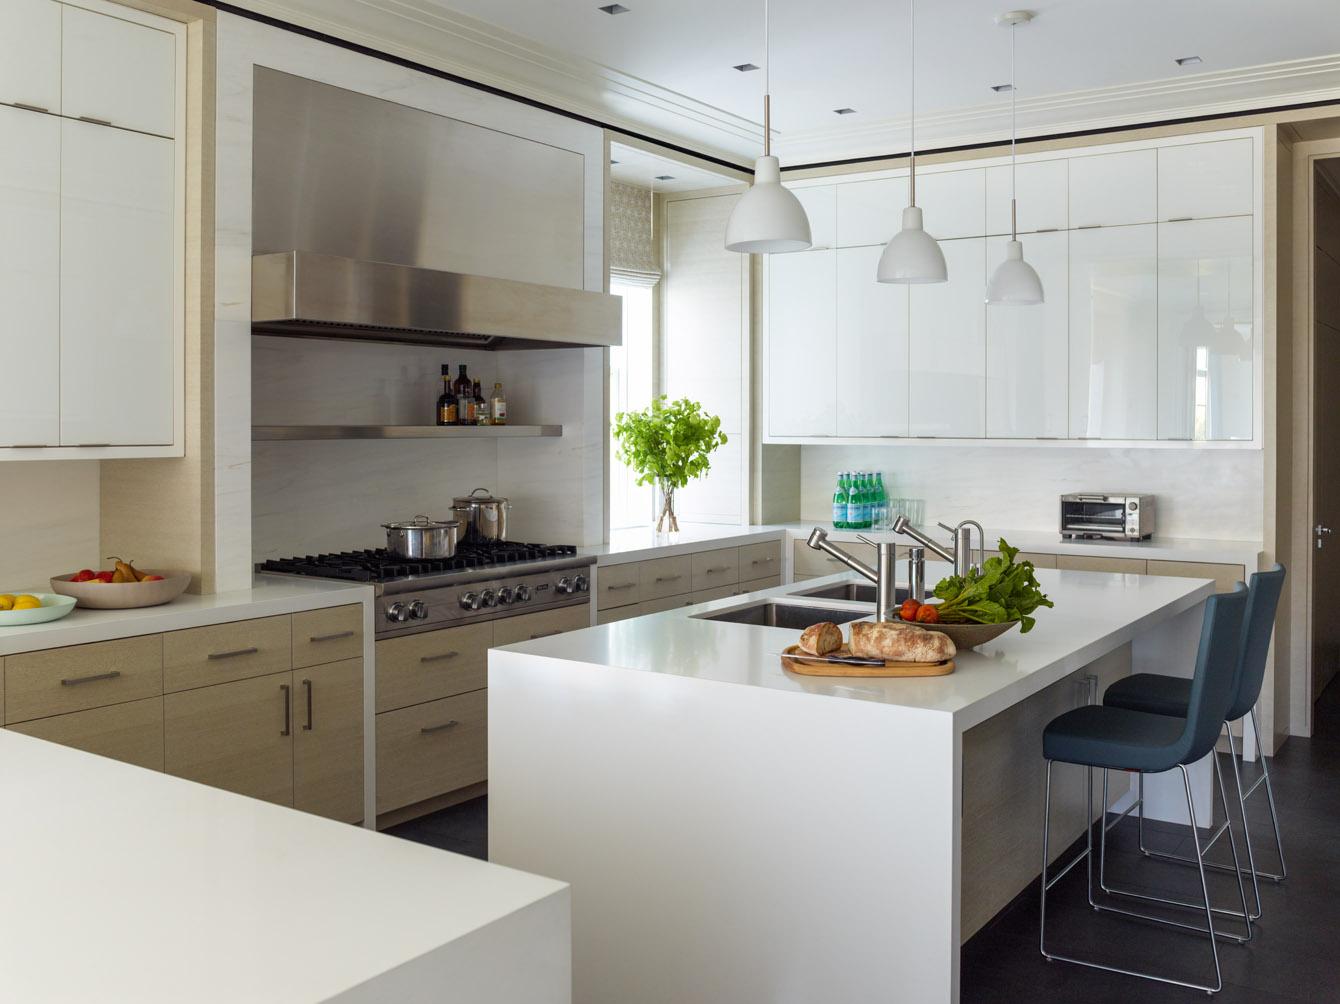 1203_kitchen_01 .jpg